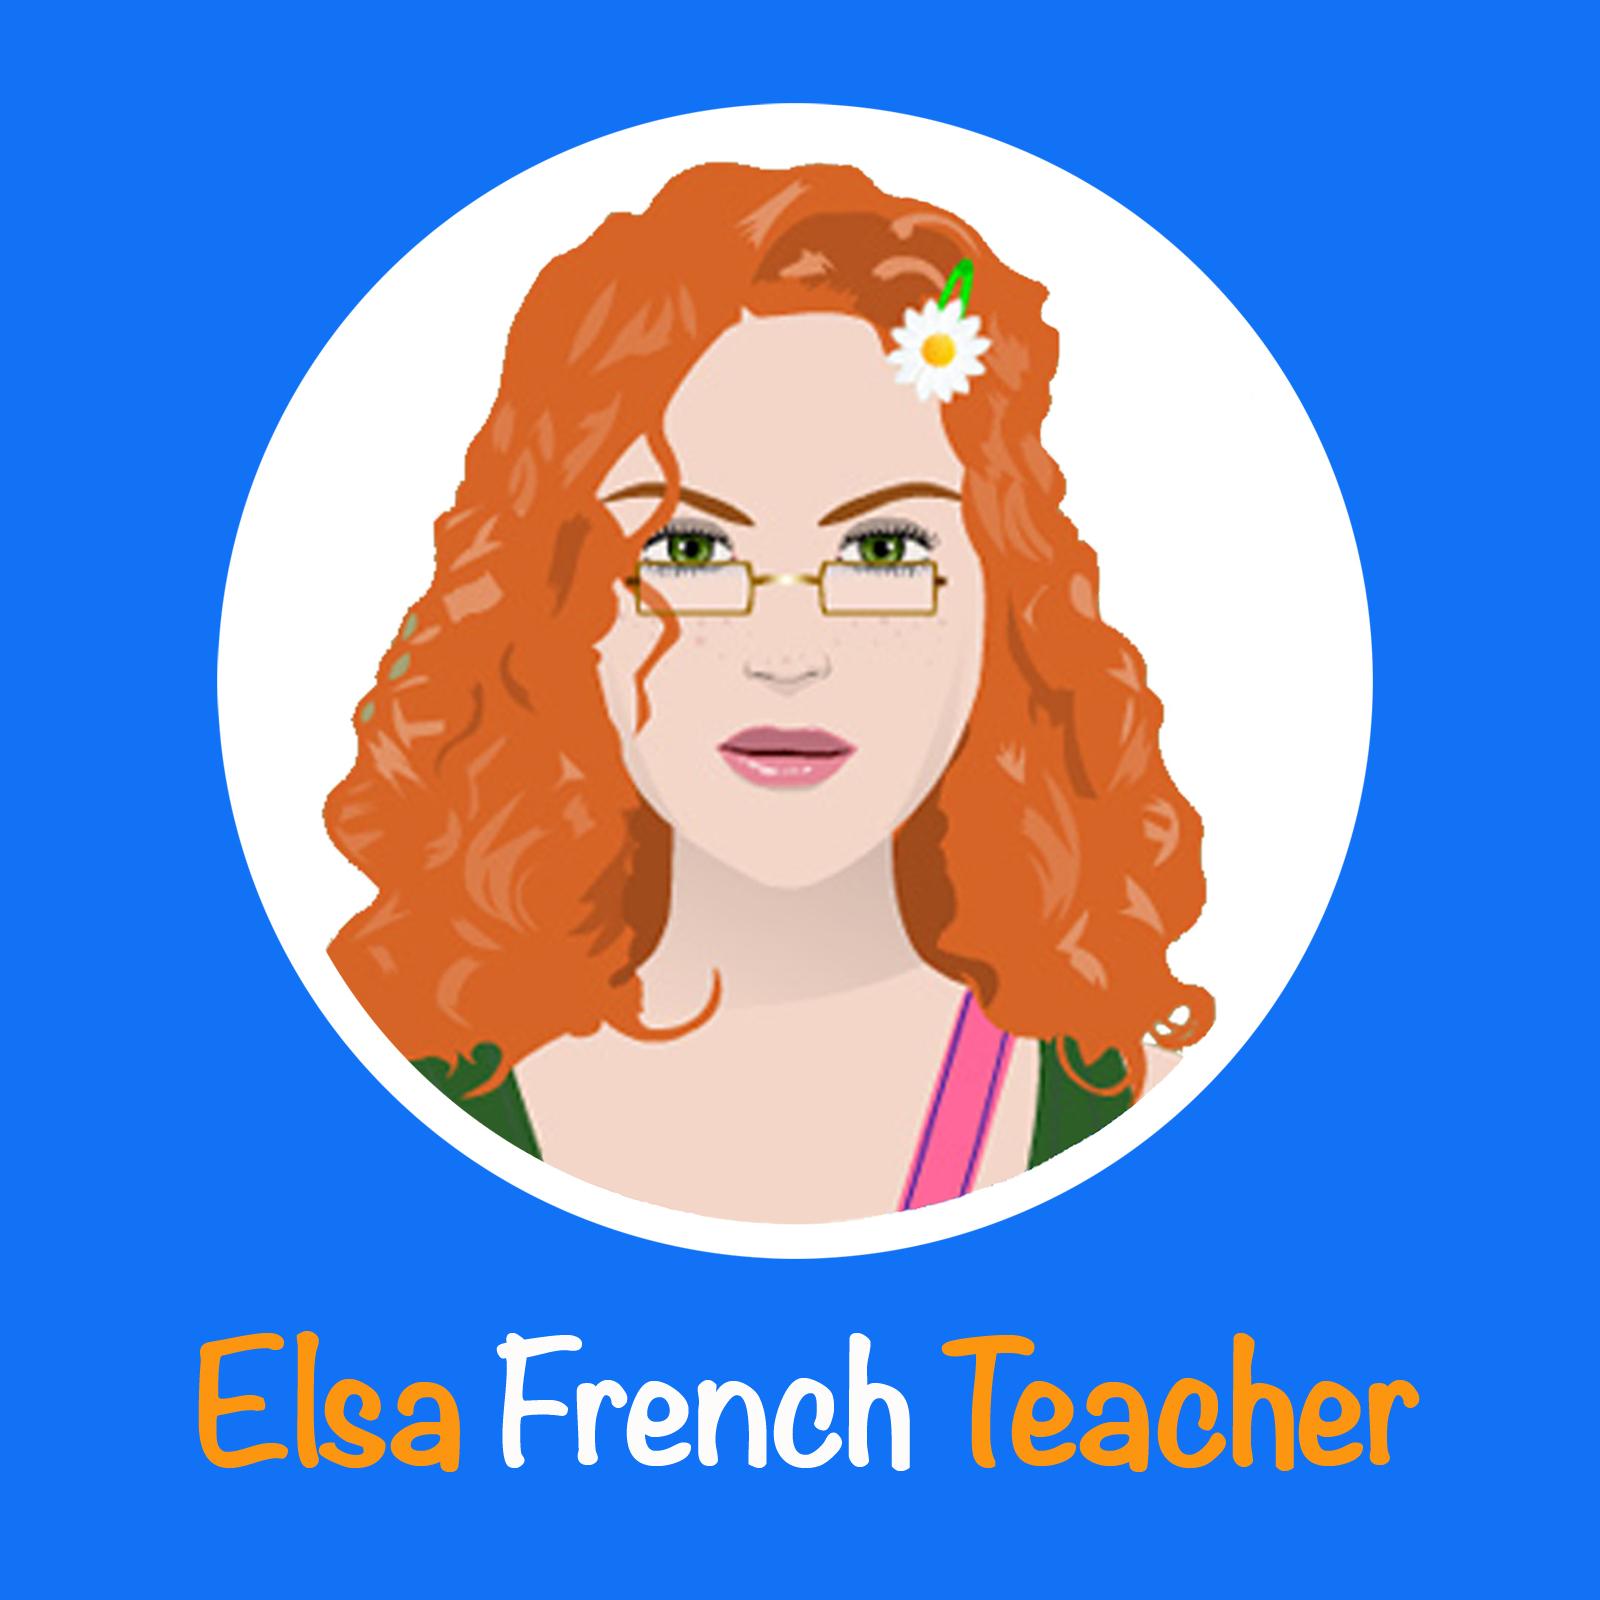 Elsa French Teacher